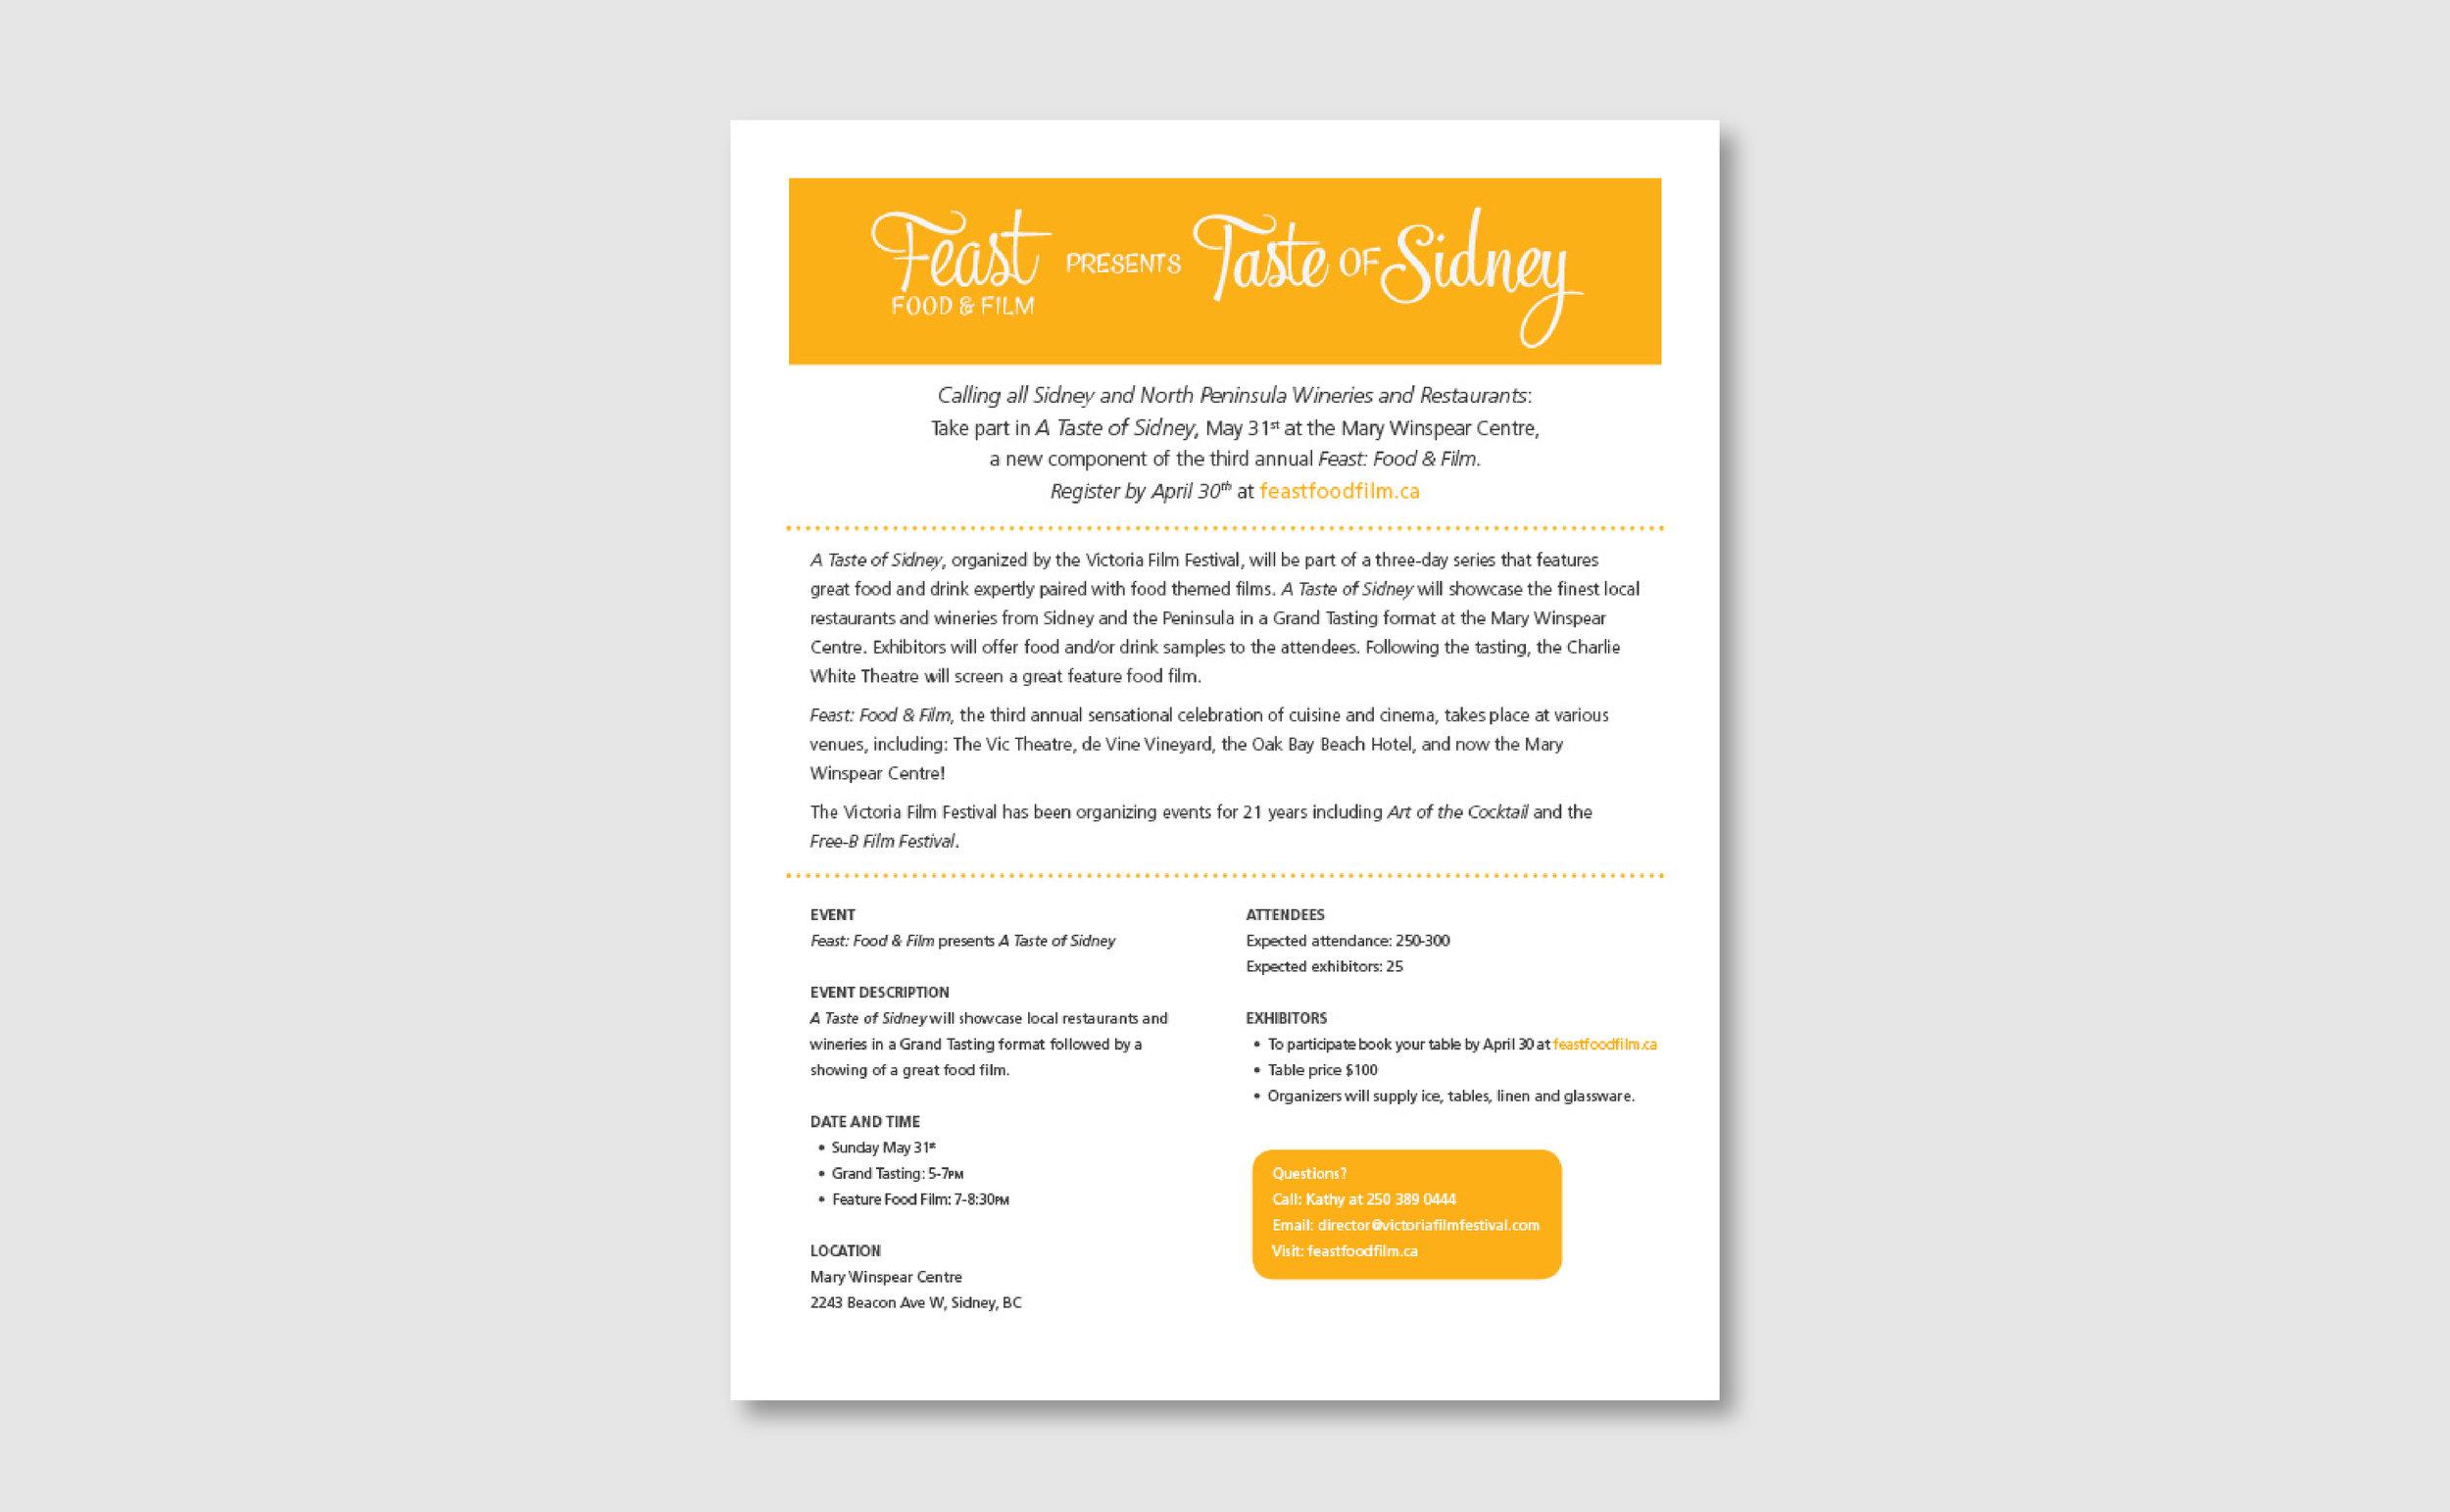 Registration Form Design for Taste of Sidney